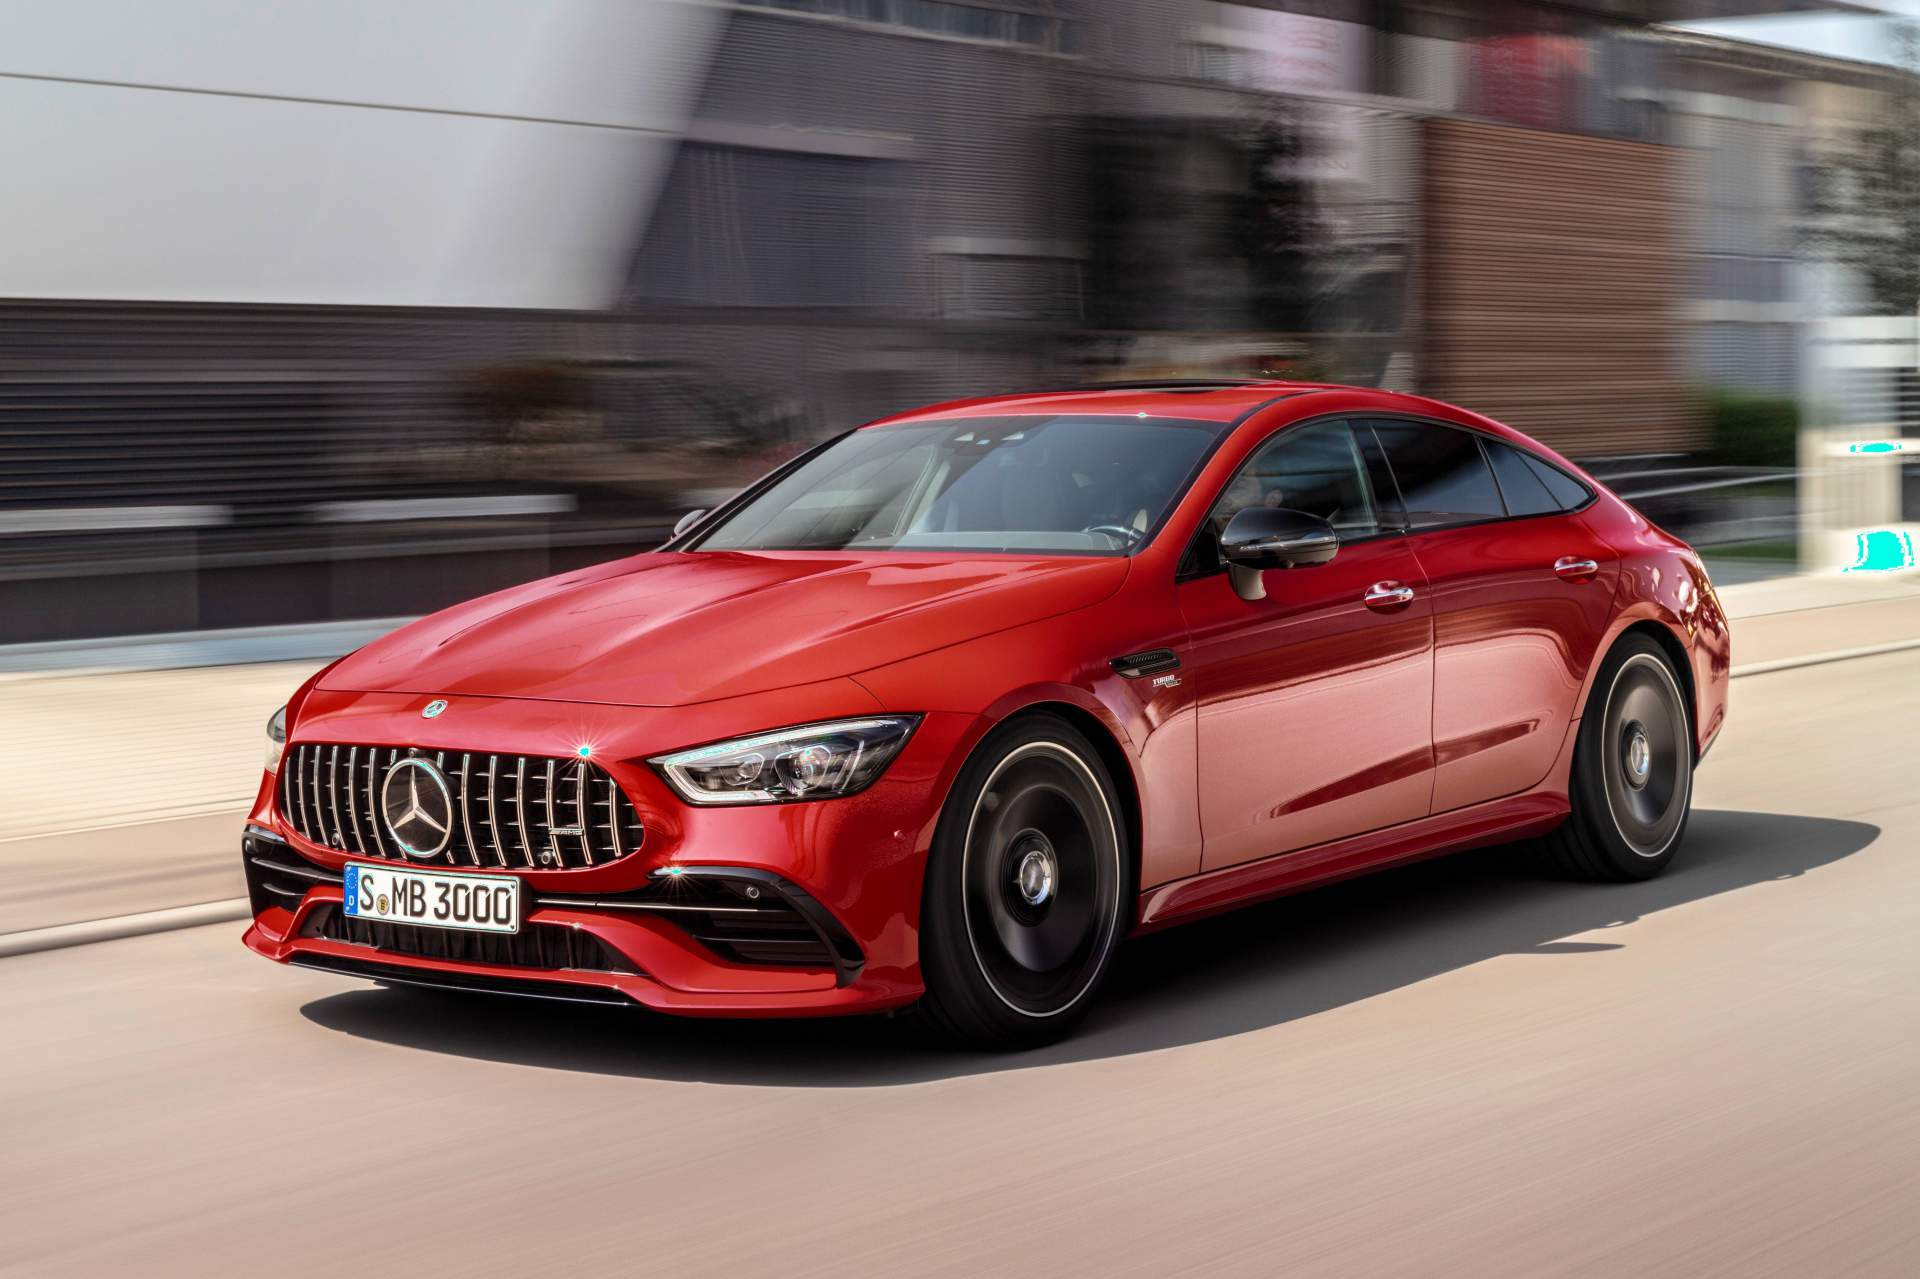 0ad89785 2019 Mercedes Amg Gt43 4door Livepics 10 Nastarta